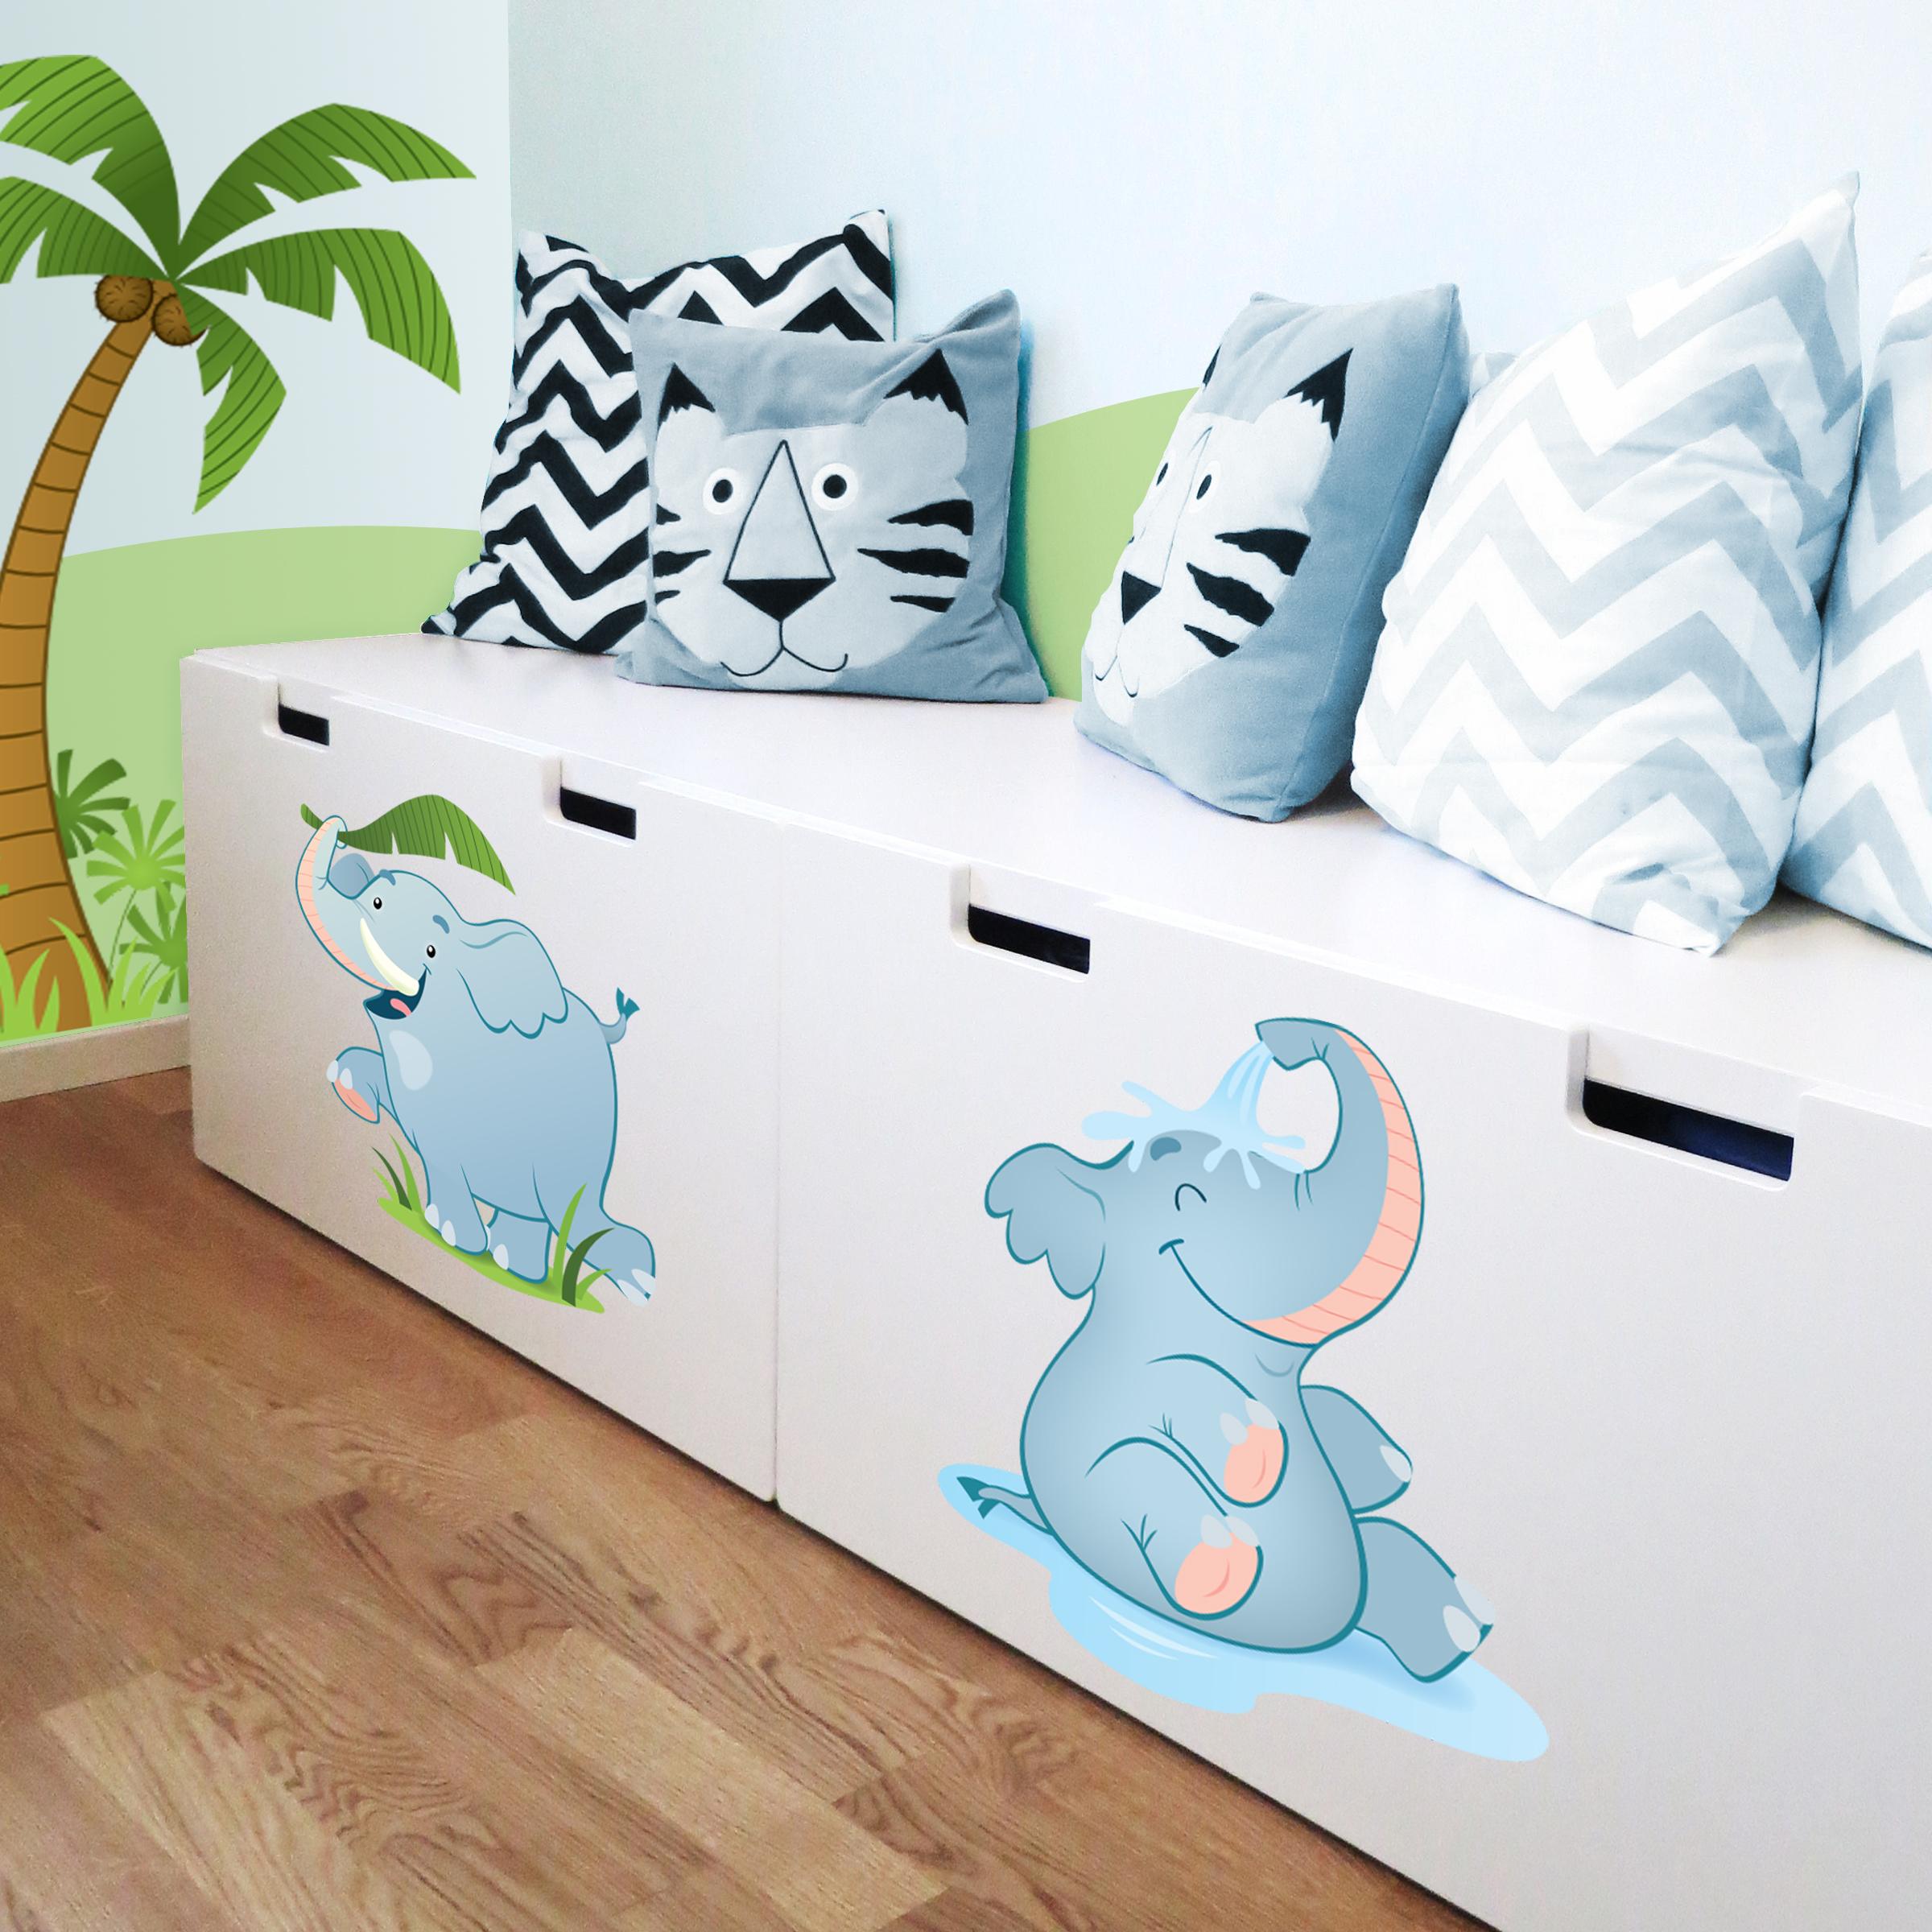 Adesivi per decorare i mobili dei bambini leostickers - Stencil adesivi per mobili ...